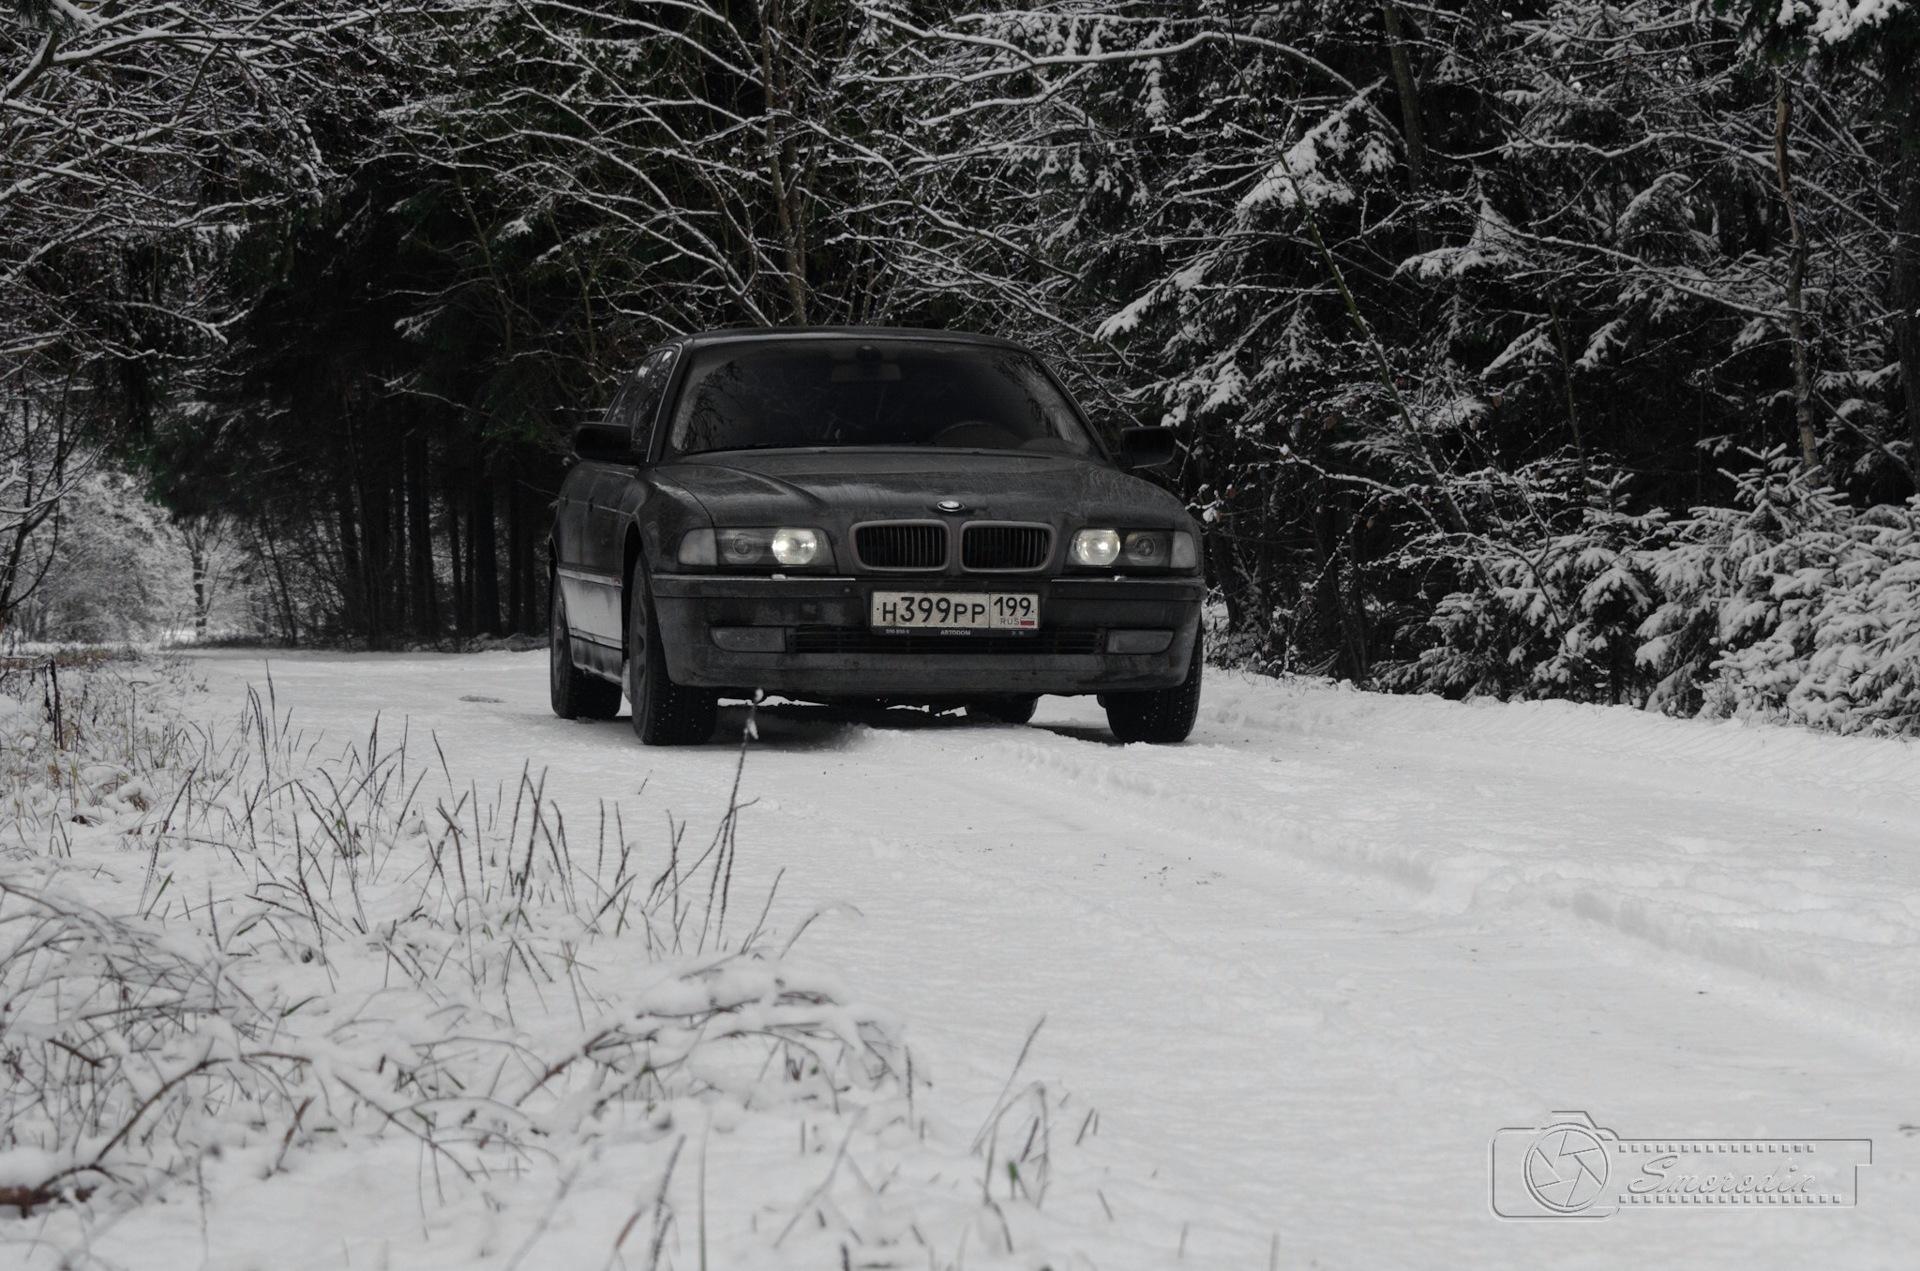 бмв семерка на снегу фото короткая